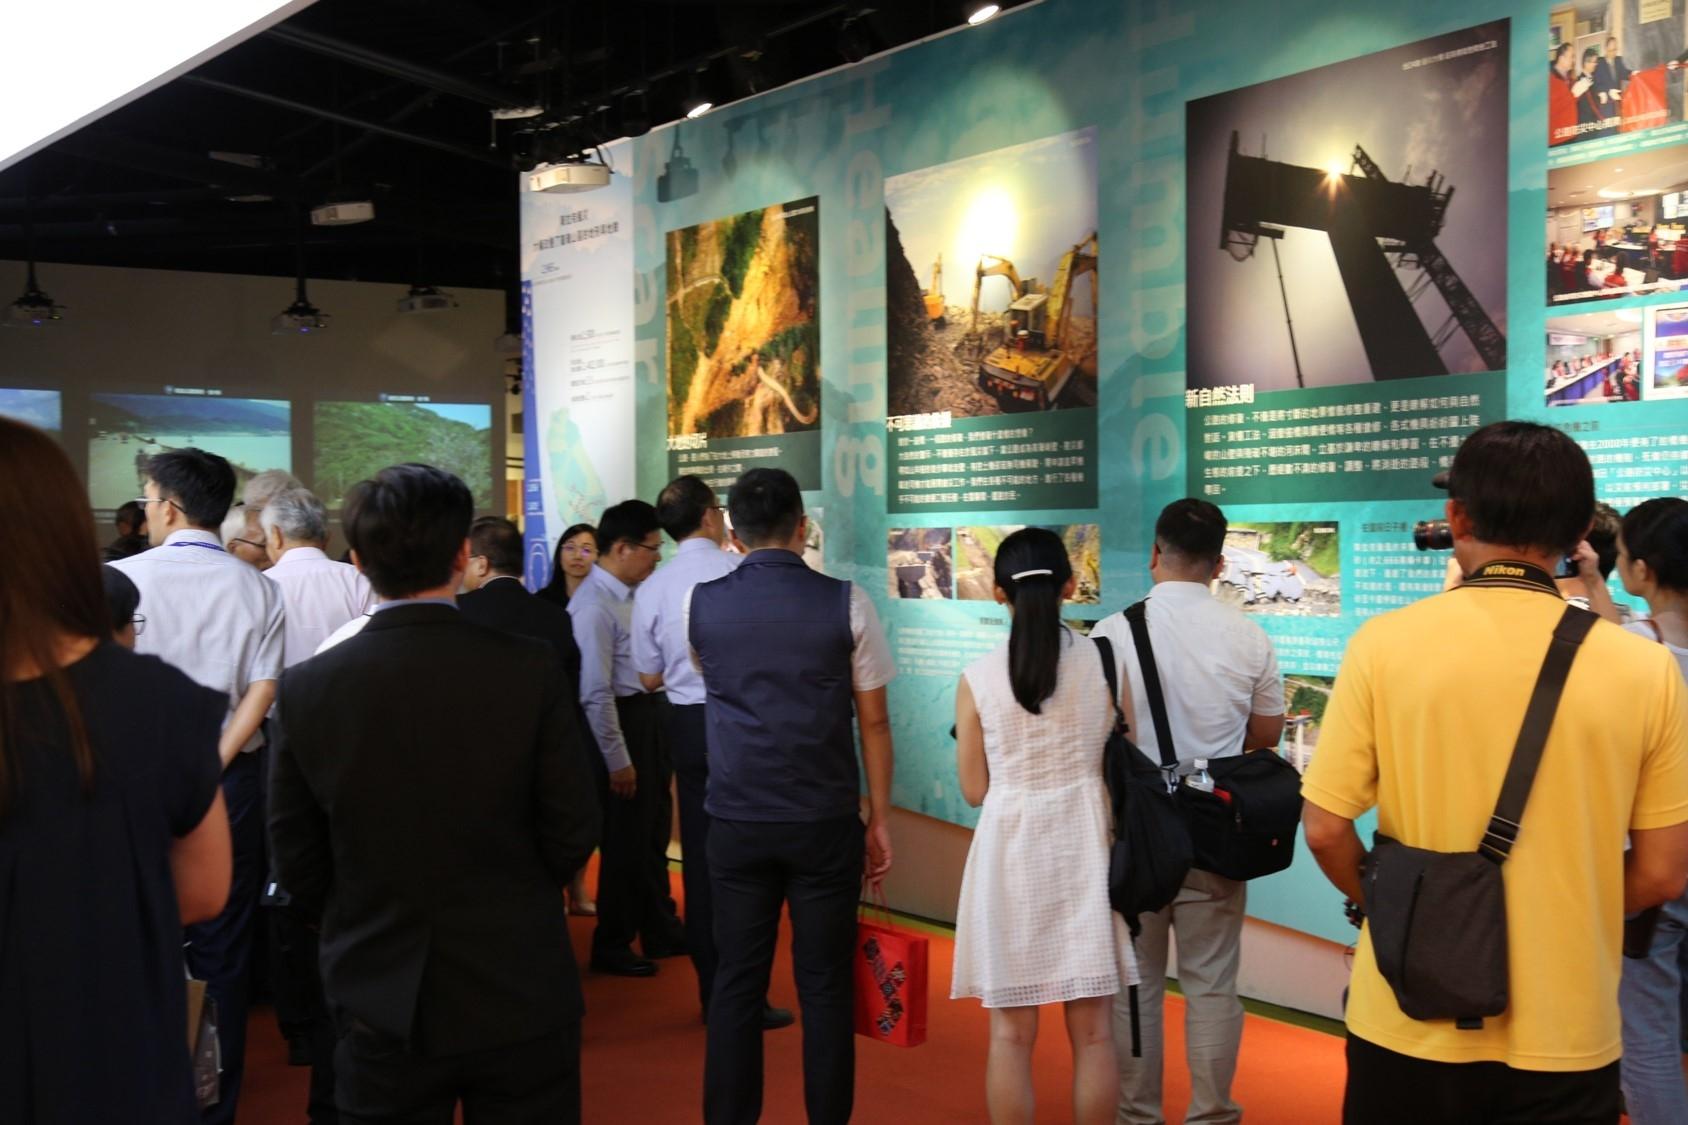 貴賓駐足參觀展覽 - 複視:環境、公路、人-走過莫拉克風災特展